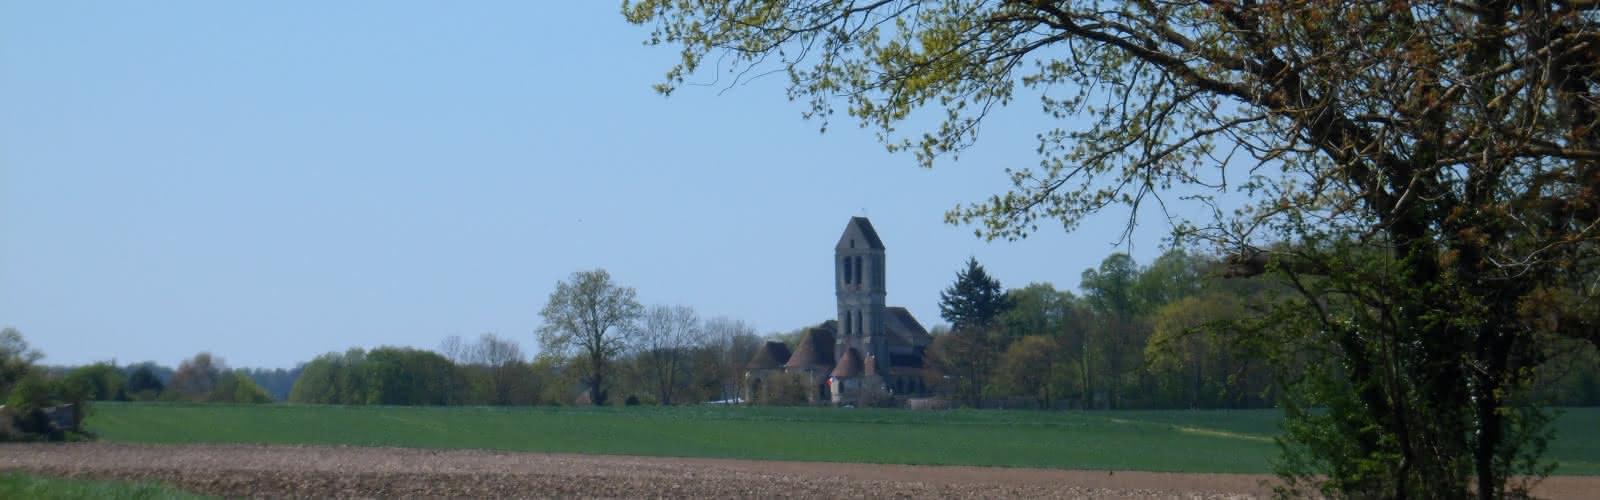 Eglise de Luzarches